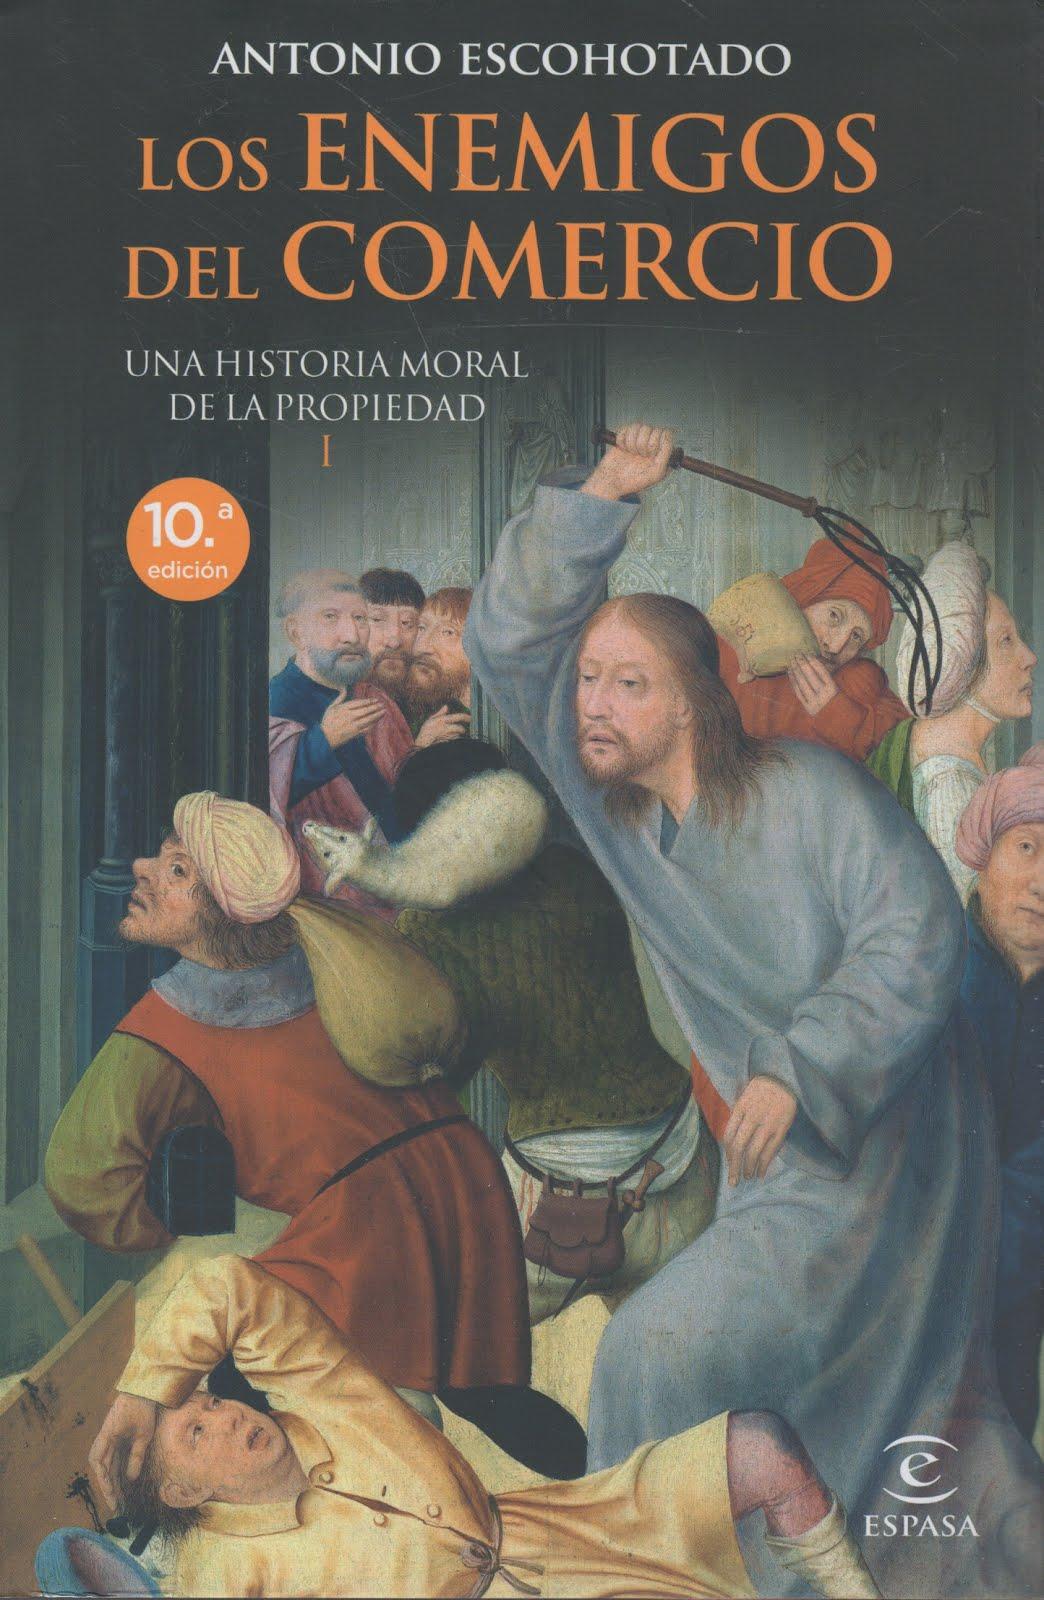 Antonio Escohotado (Los enemigos del comercio) Una historia moral de la propiedad